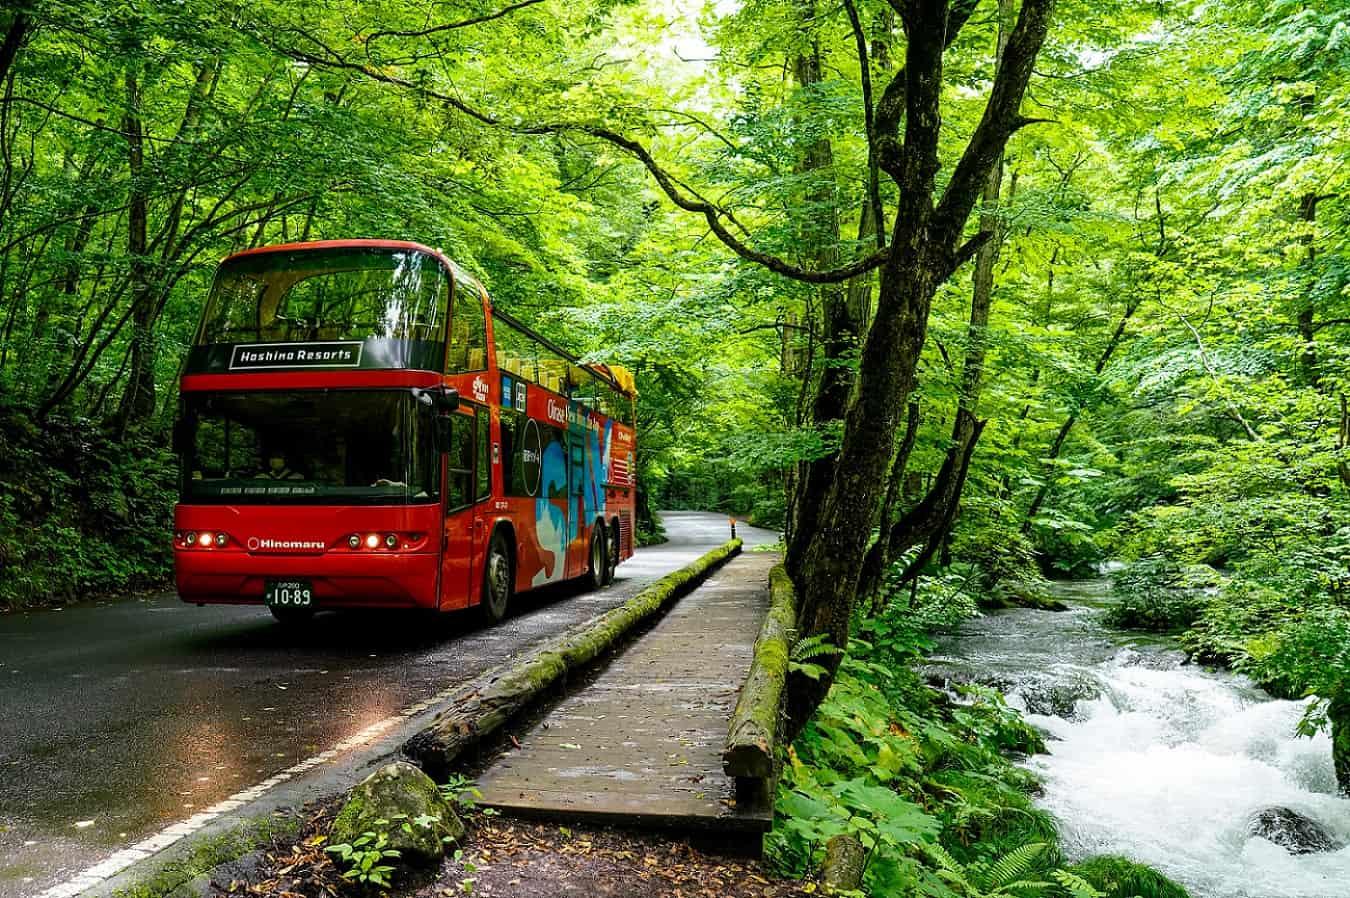 【奥入瀬渓流ホテル】7月22日より、オープントップバスが奥入瀬渓流の試験走行を開始しました!